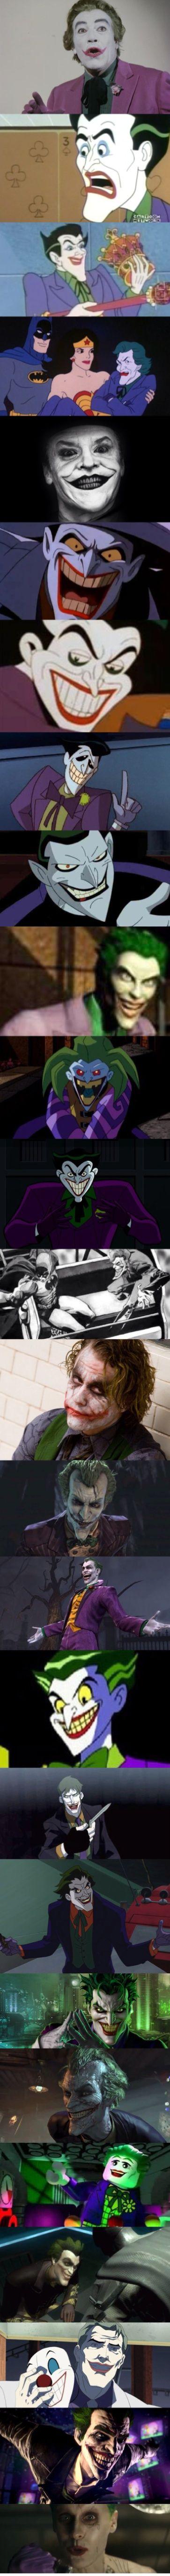 The Joker evolution